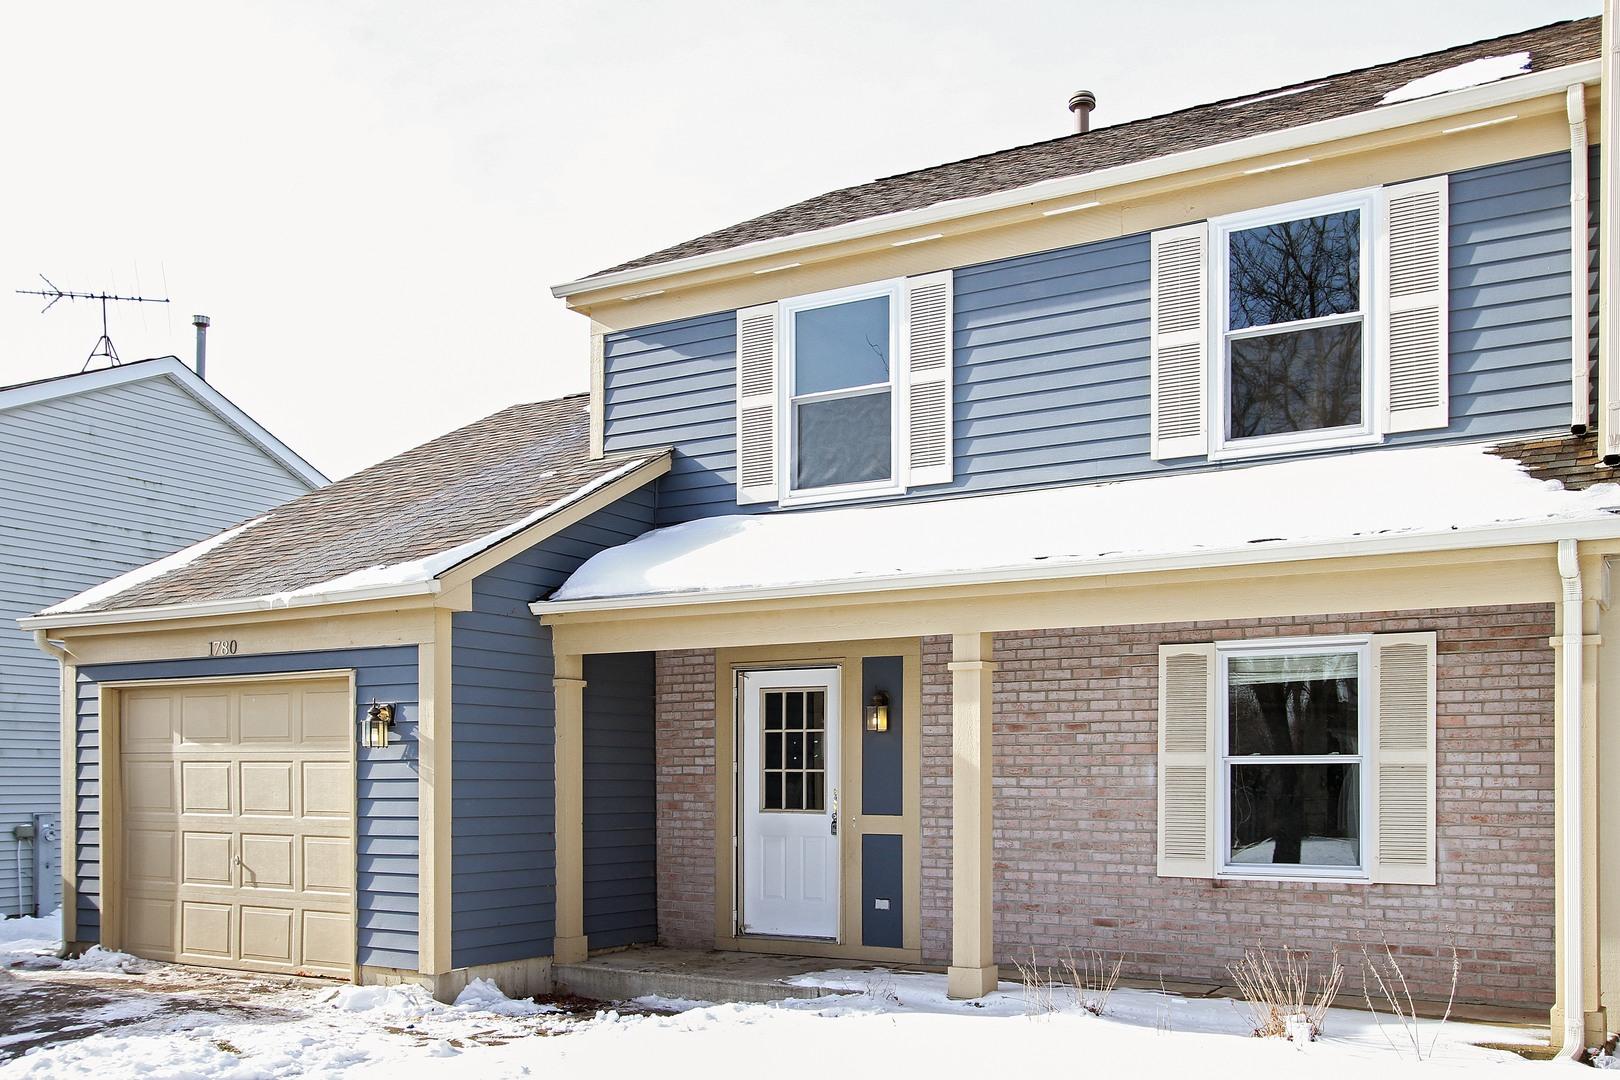 1780 Barnhill Drive, Mundelein IL 60060